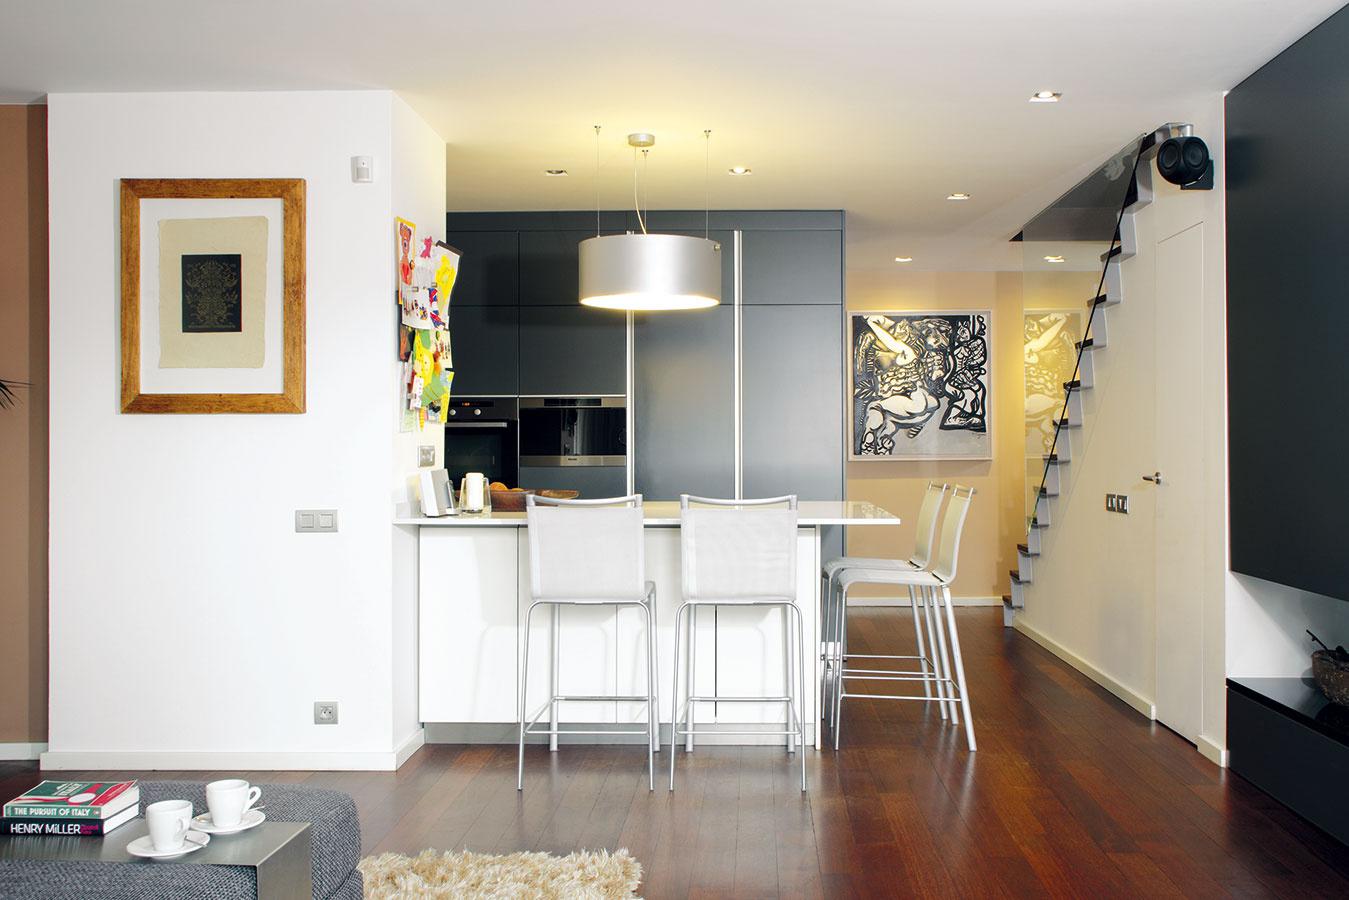 Celková rekonštrukcia umožnila lepšie využiť priestor dvoch podkrovných mezonetov, vyladiť dispozíciu presne podľa želaní apotrieb štvorčlennej rodiny aporadiť si so špecifikami starého domu, napríklad s dvoma komínmi vstrede obývacieho priestoru.